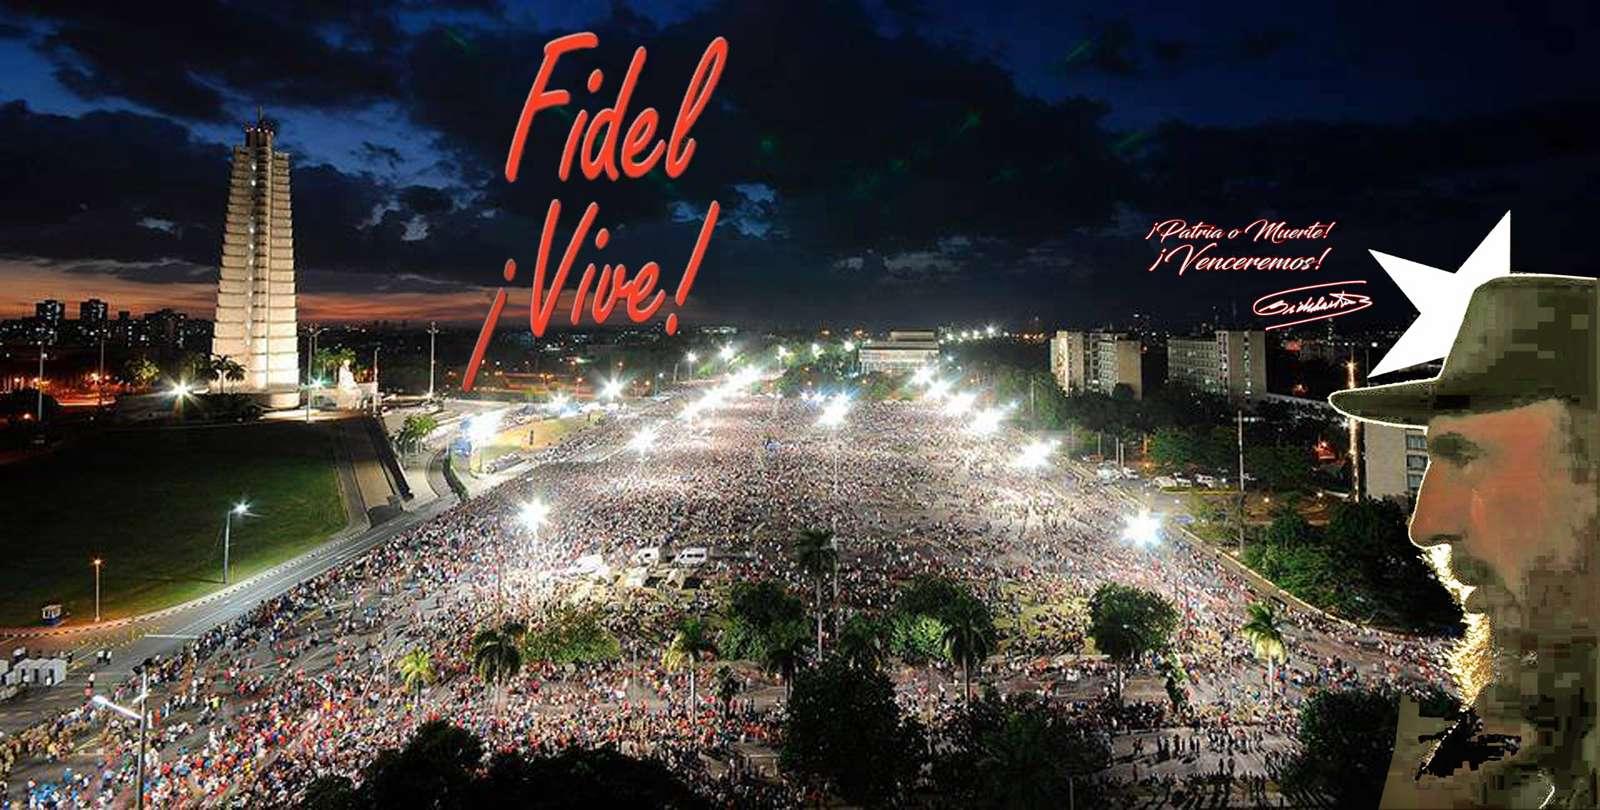 Fidel ¡vive!